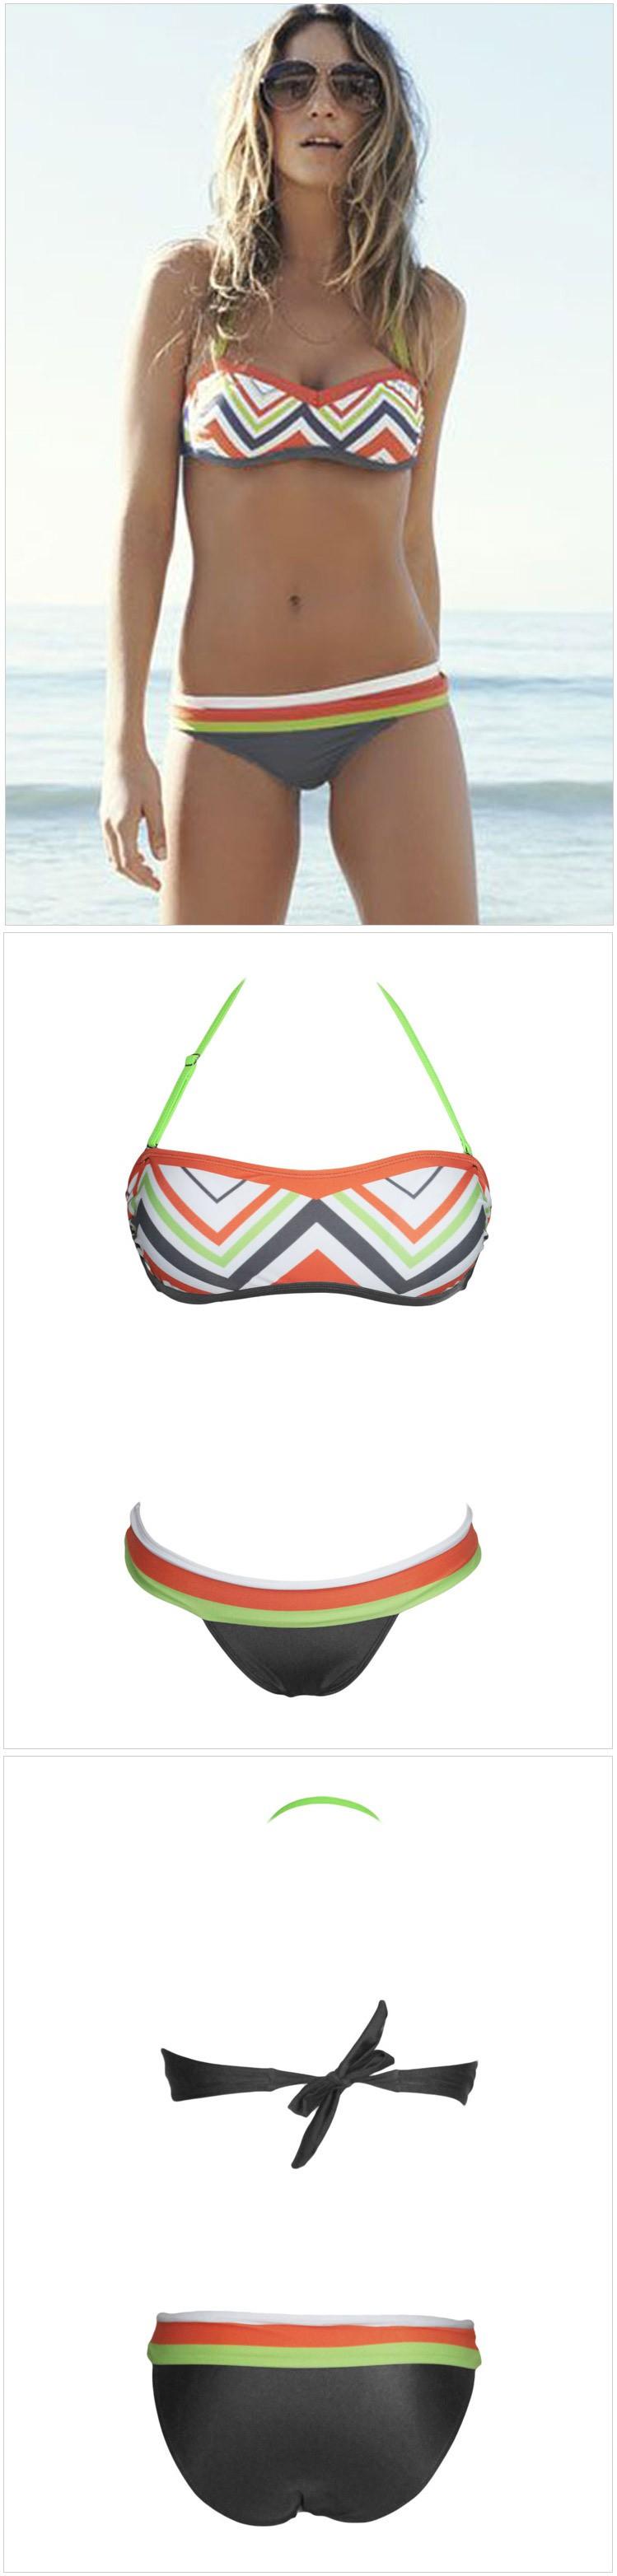 2016 bikini brazilian micro bikini thong bathing suits bikini push ...